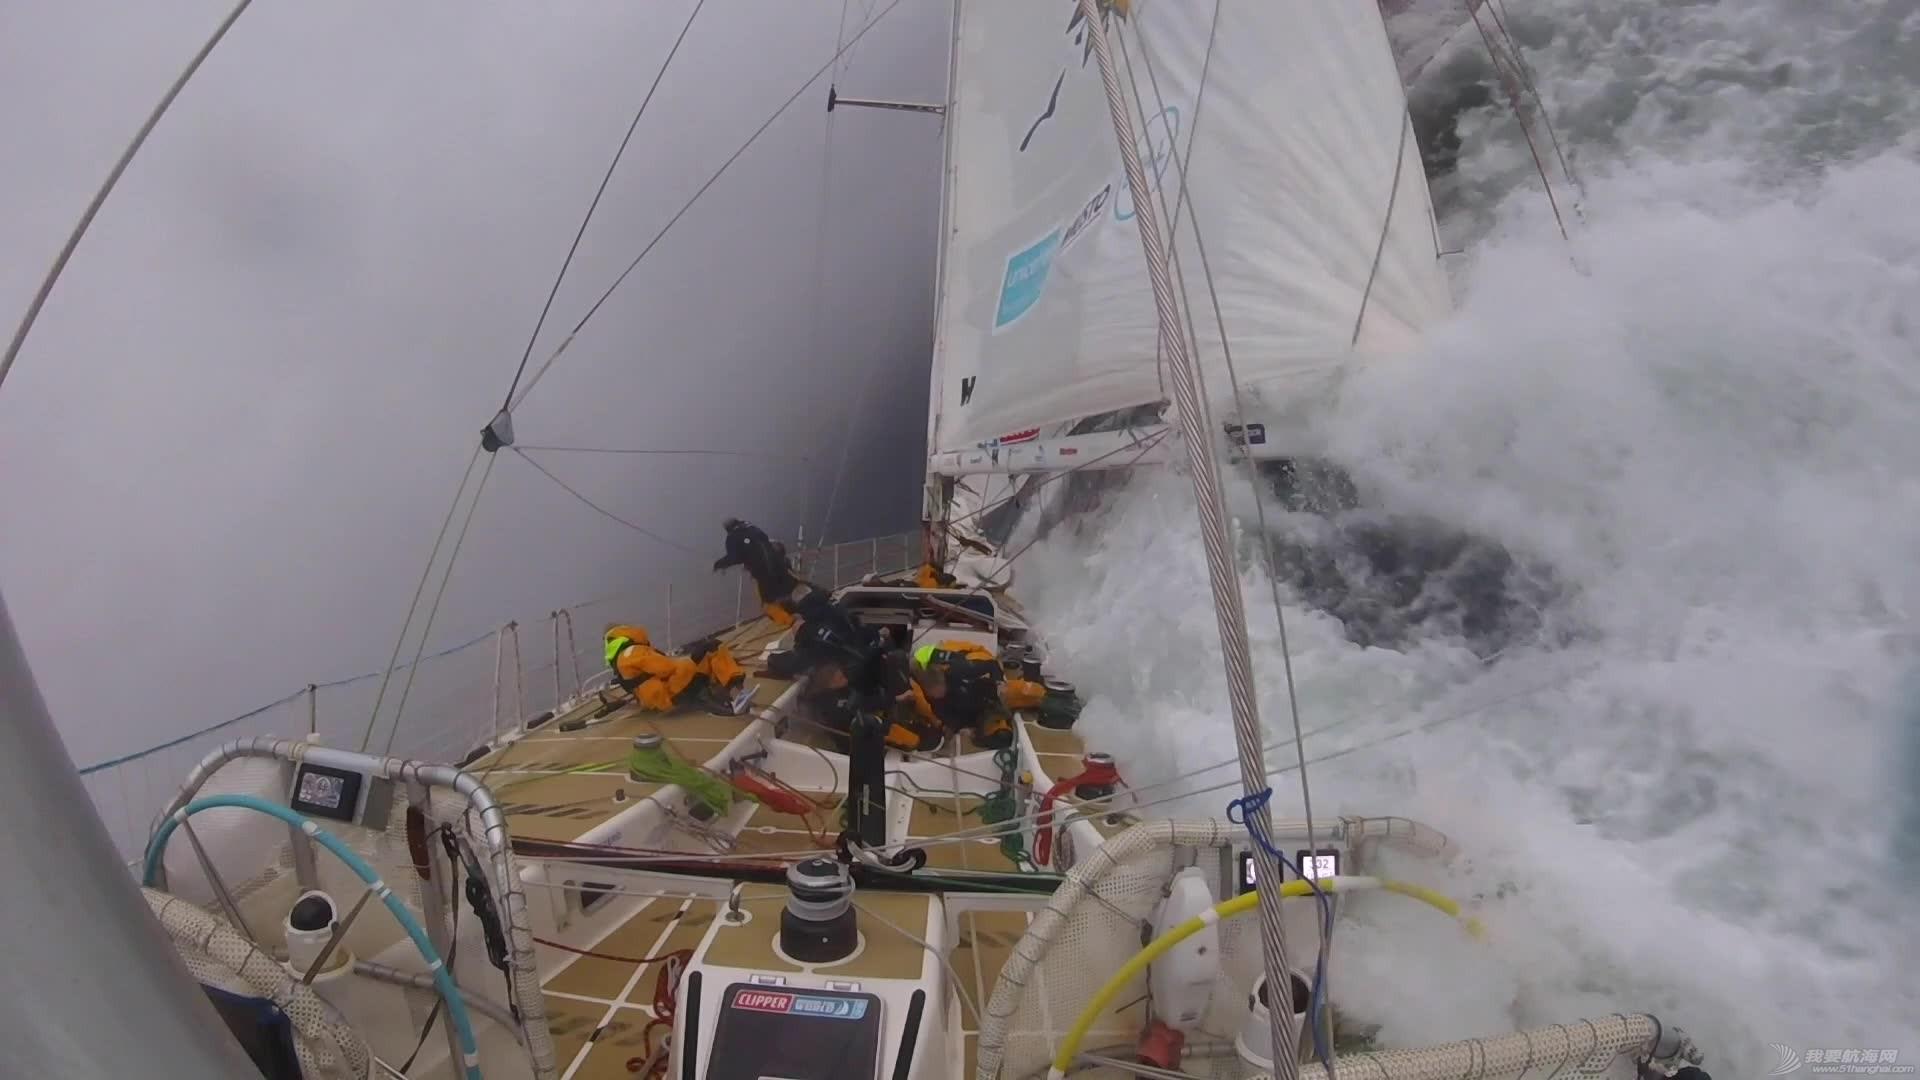 惊奇震撼的闪电风暴视频-拍摄于克利伯2019-20帆船赛第2赛程w2.jpg